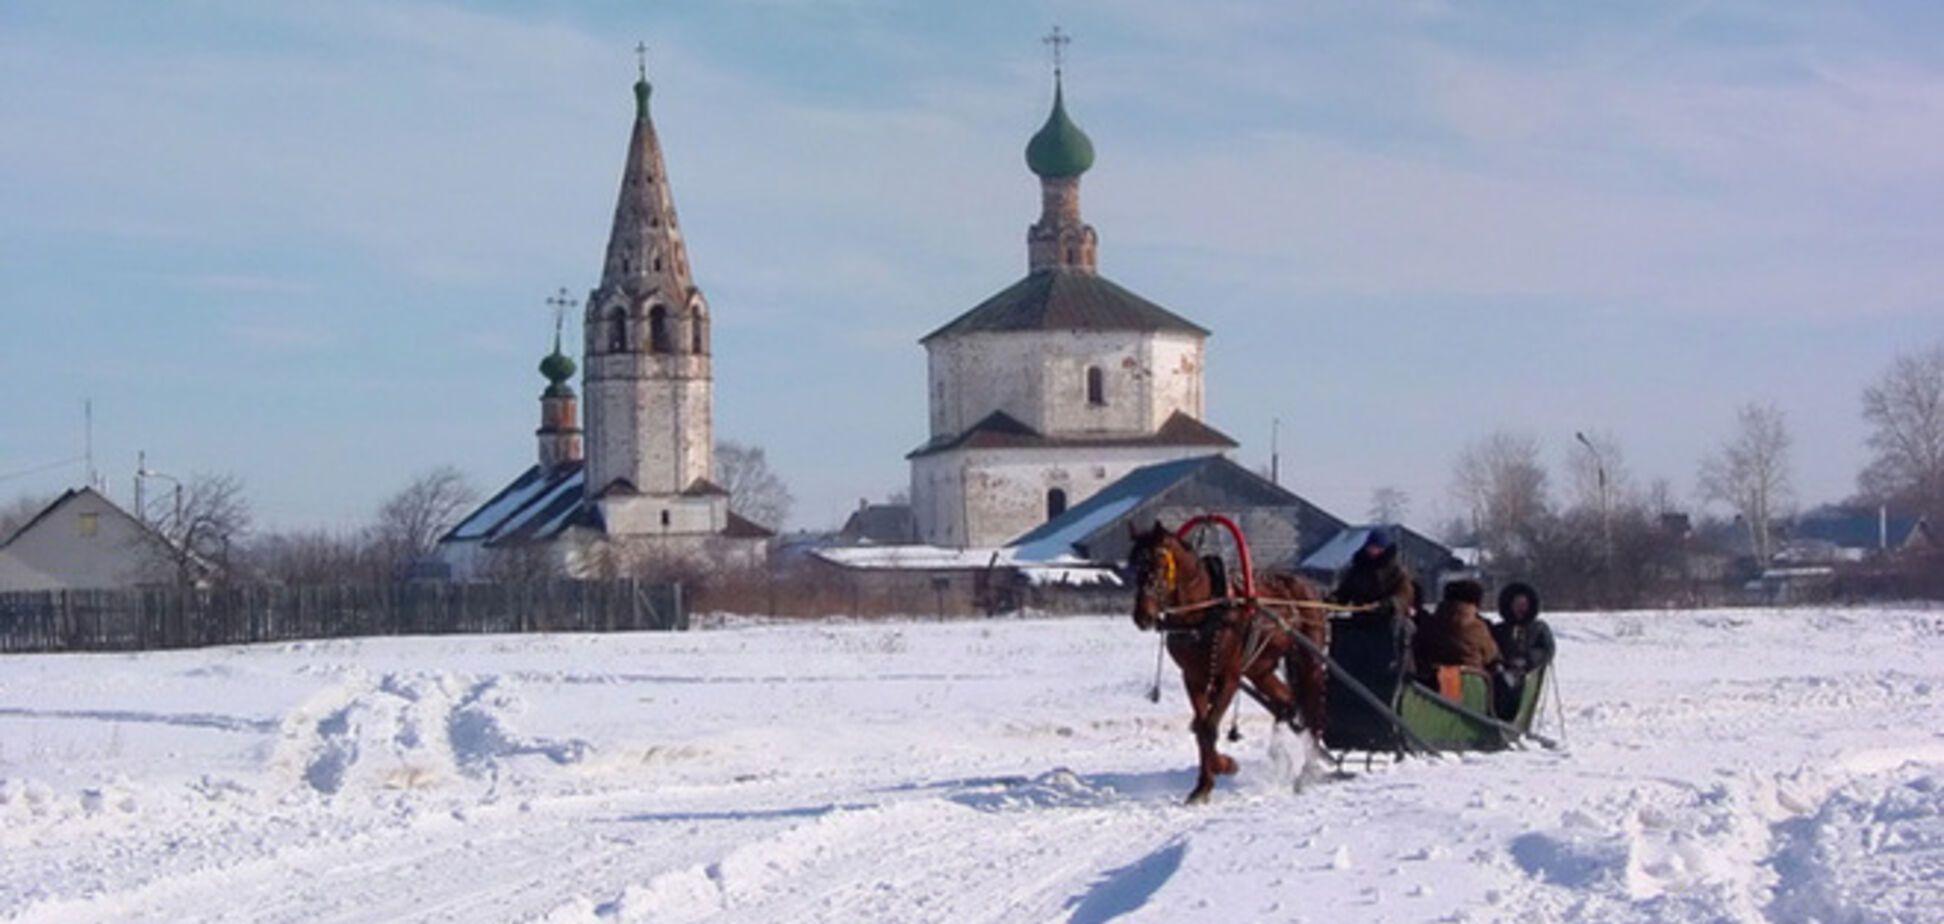 Після обвалу рубля в Росії найгарячішими стали тури не в Париж, а в Кострому